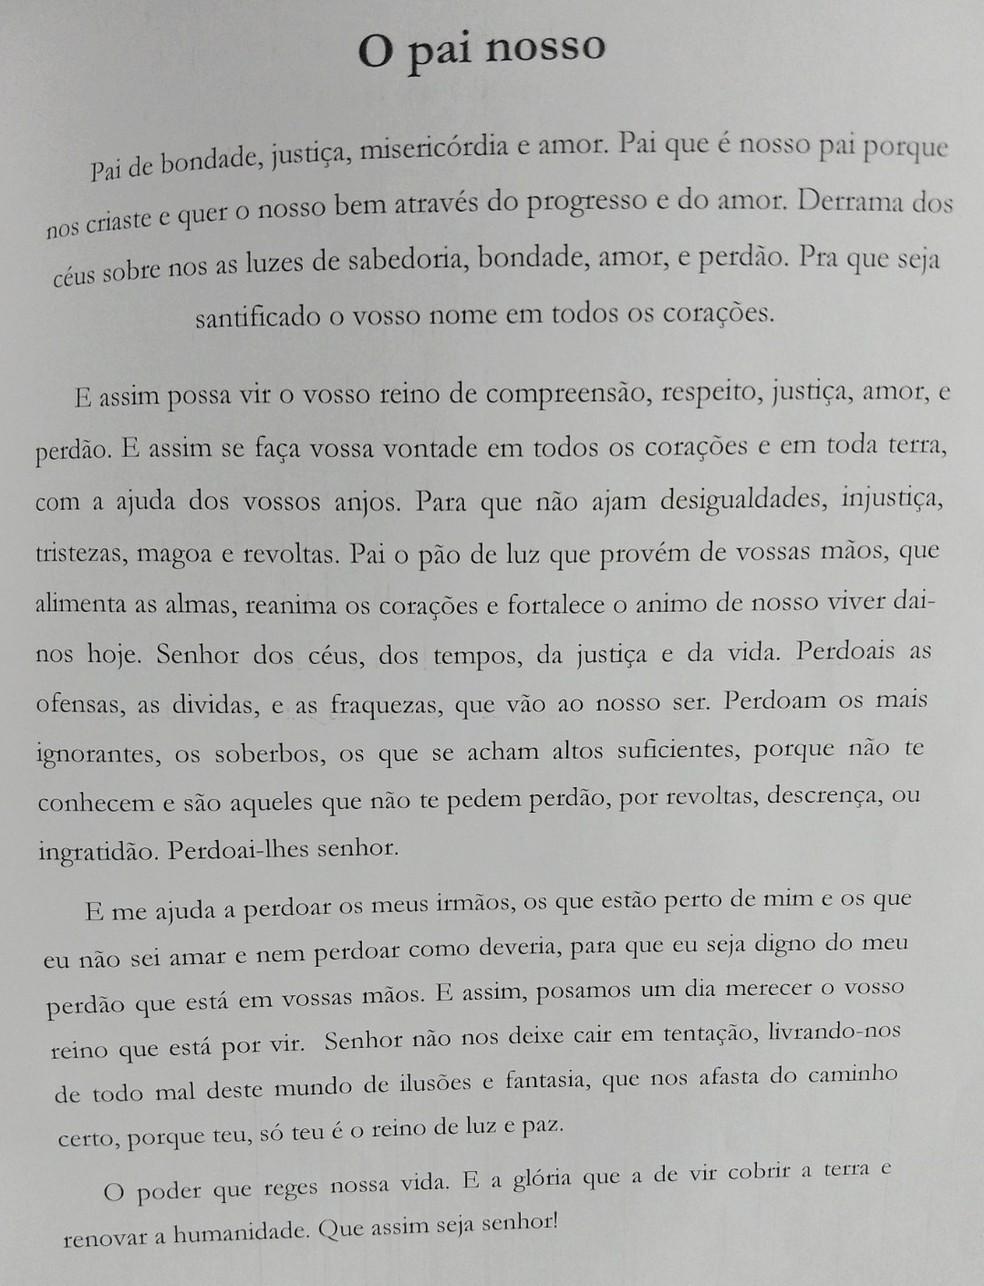 Poemas de Fábio abordam diversos temas (Foto: Reprodução/'A Vida em Poesias')